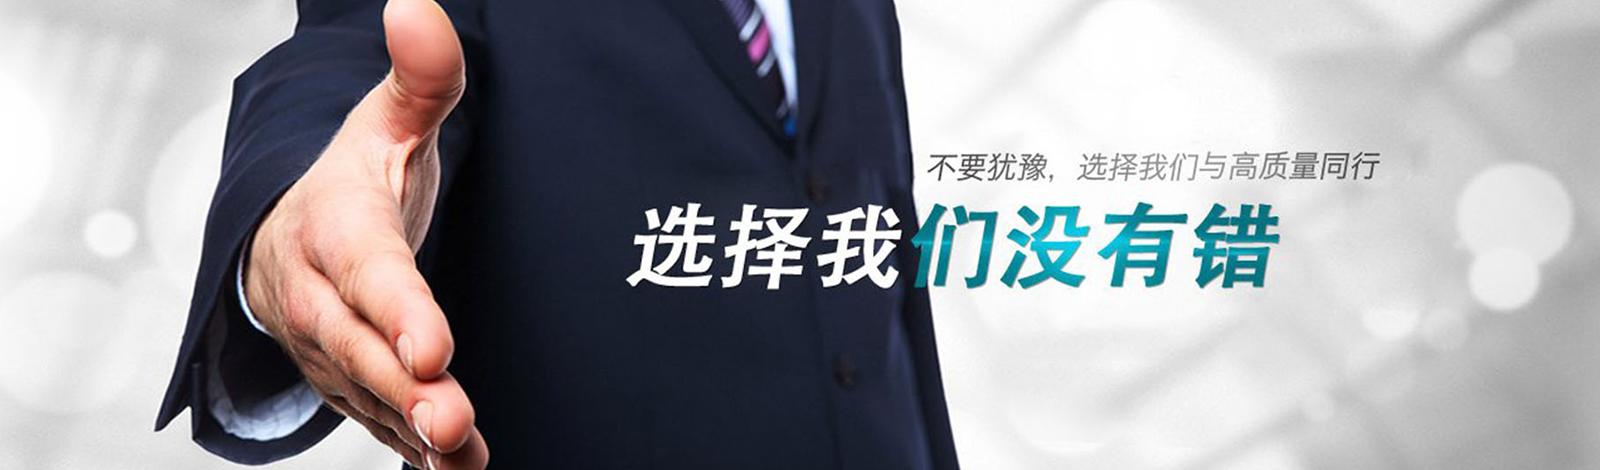 深圳市侦探公司